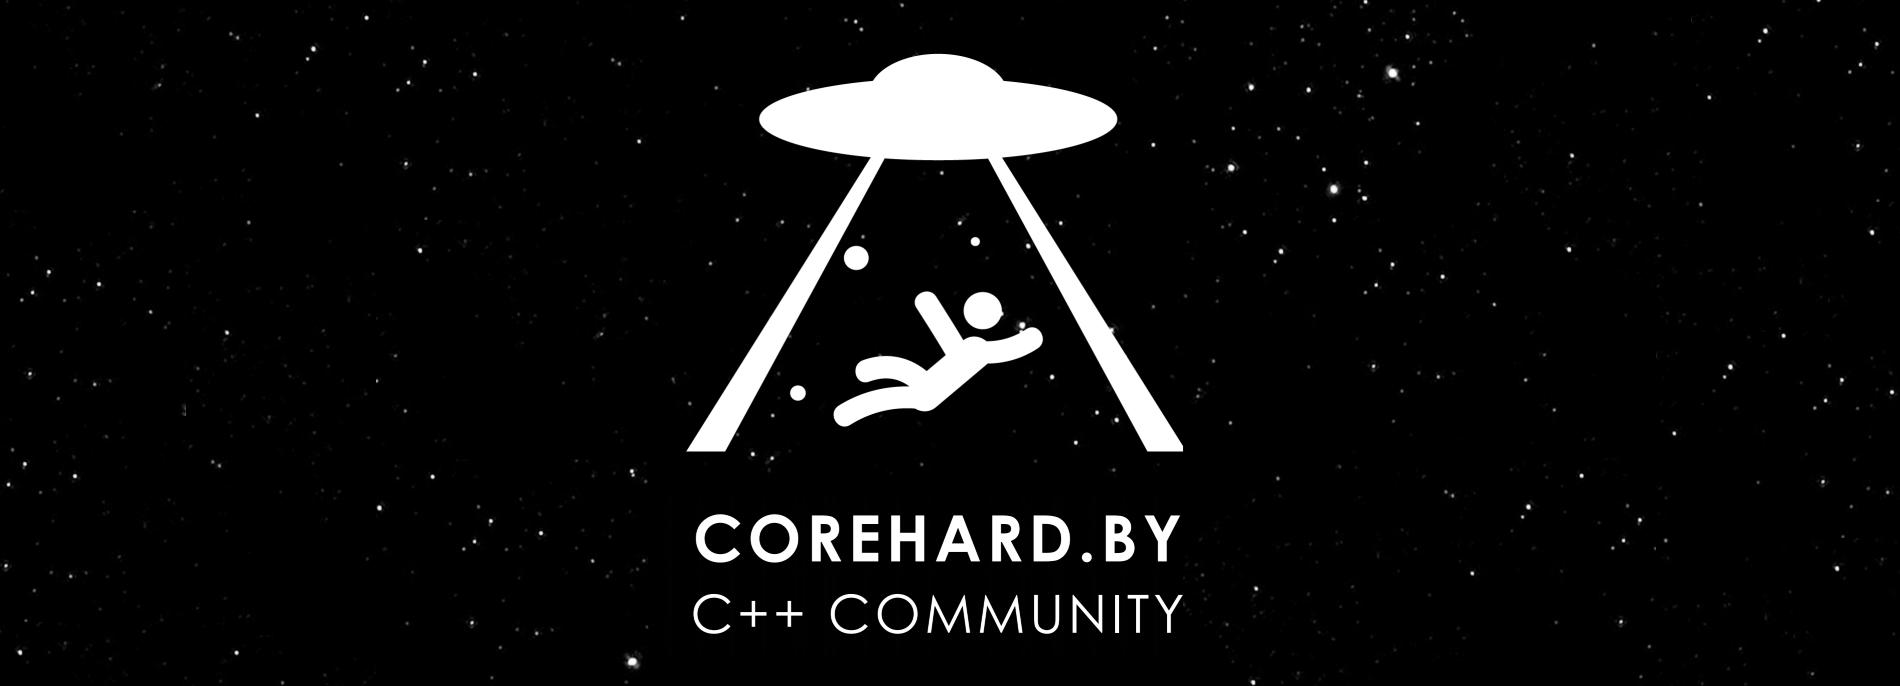 CoreHard.by